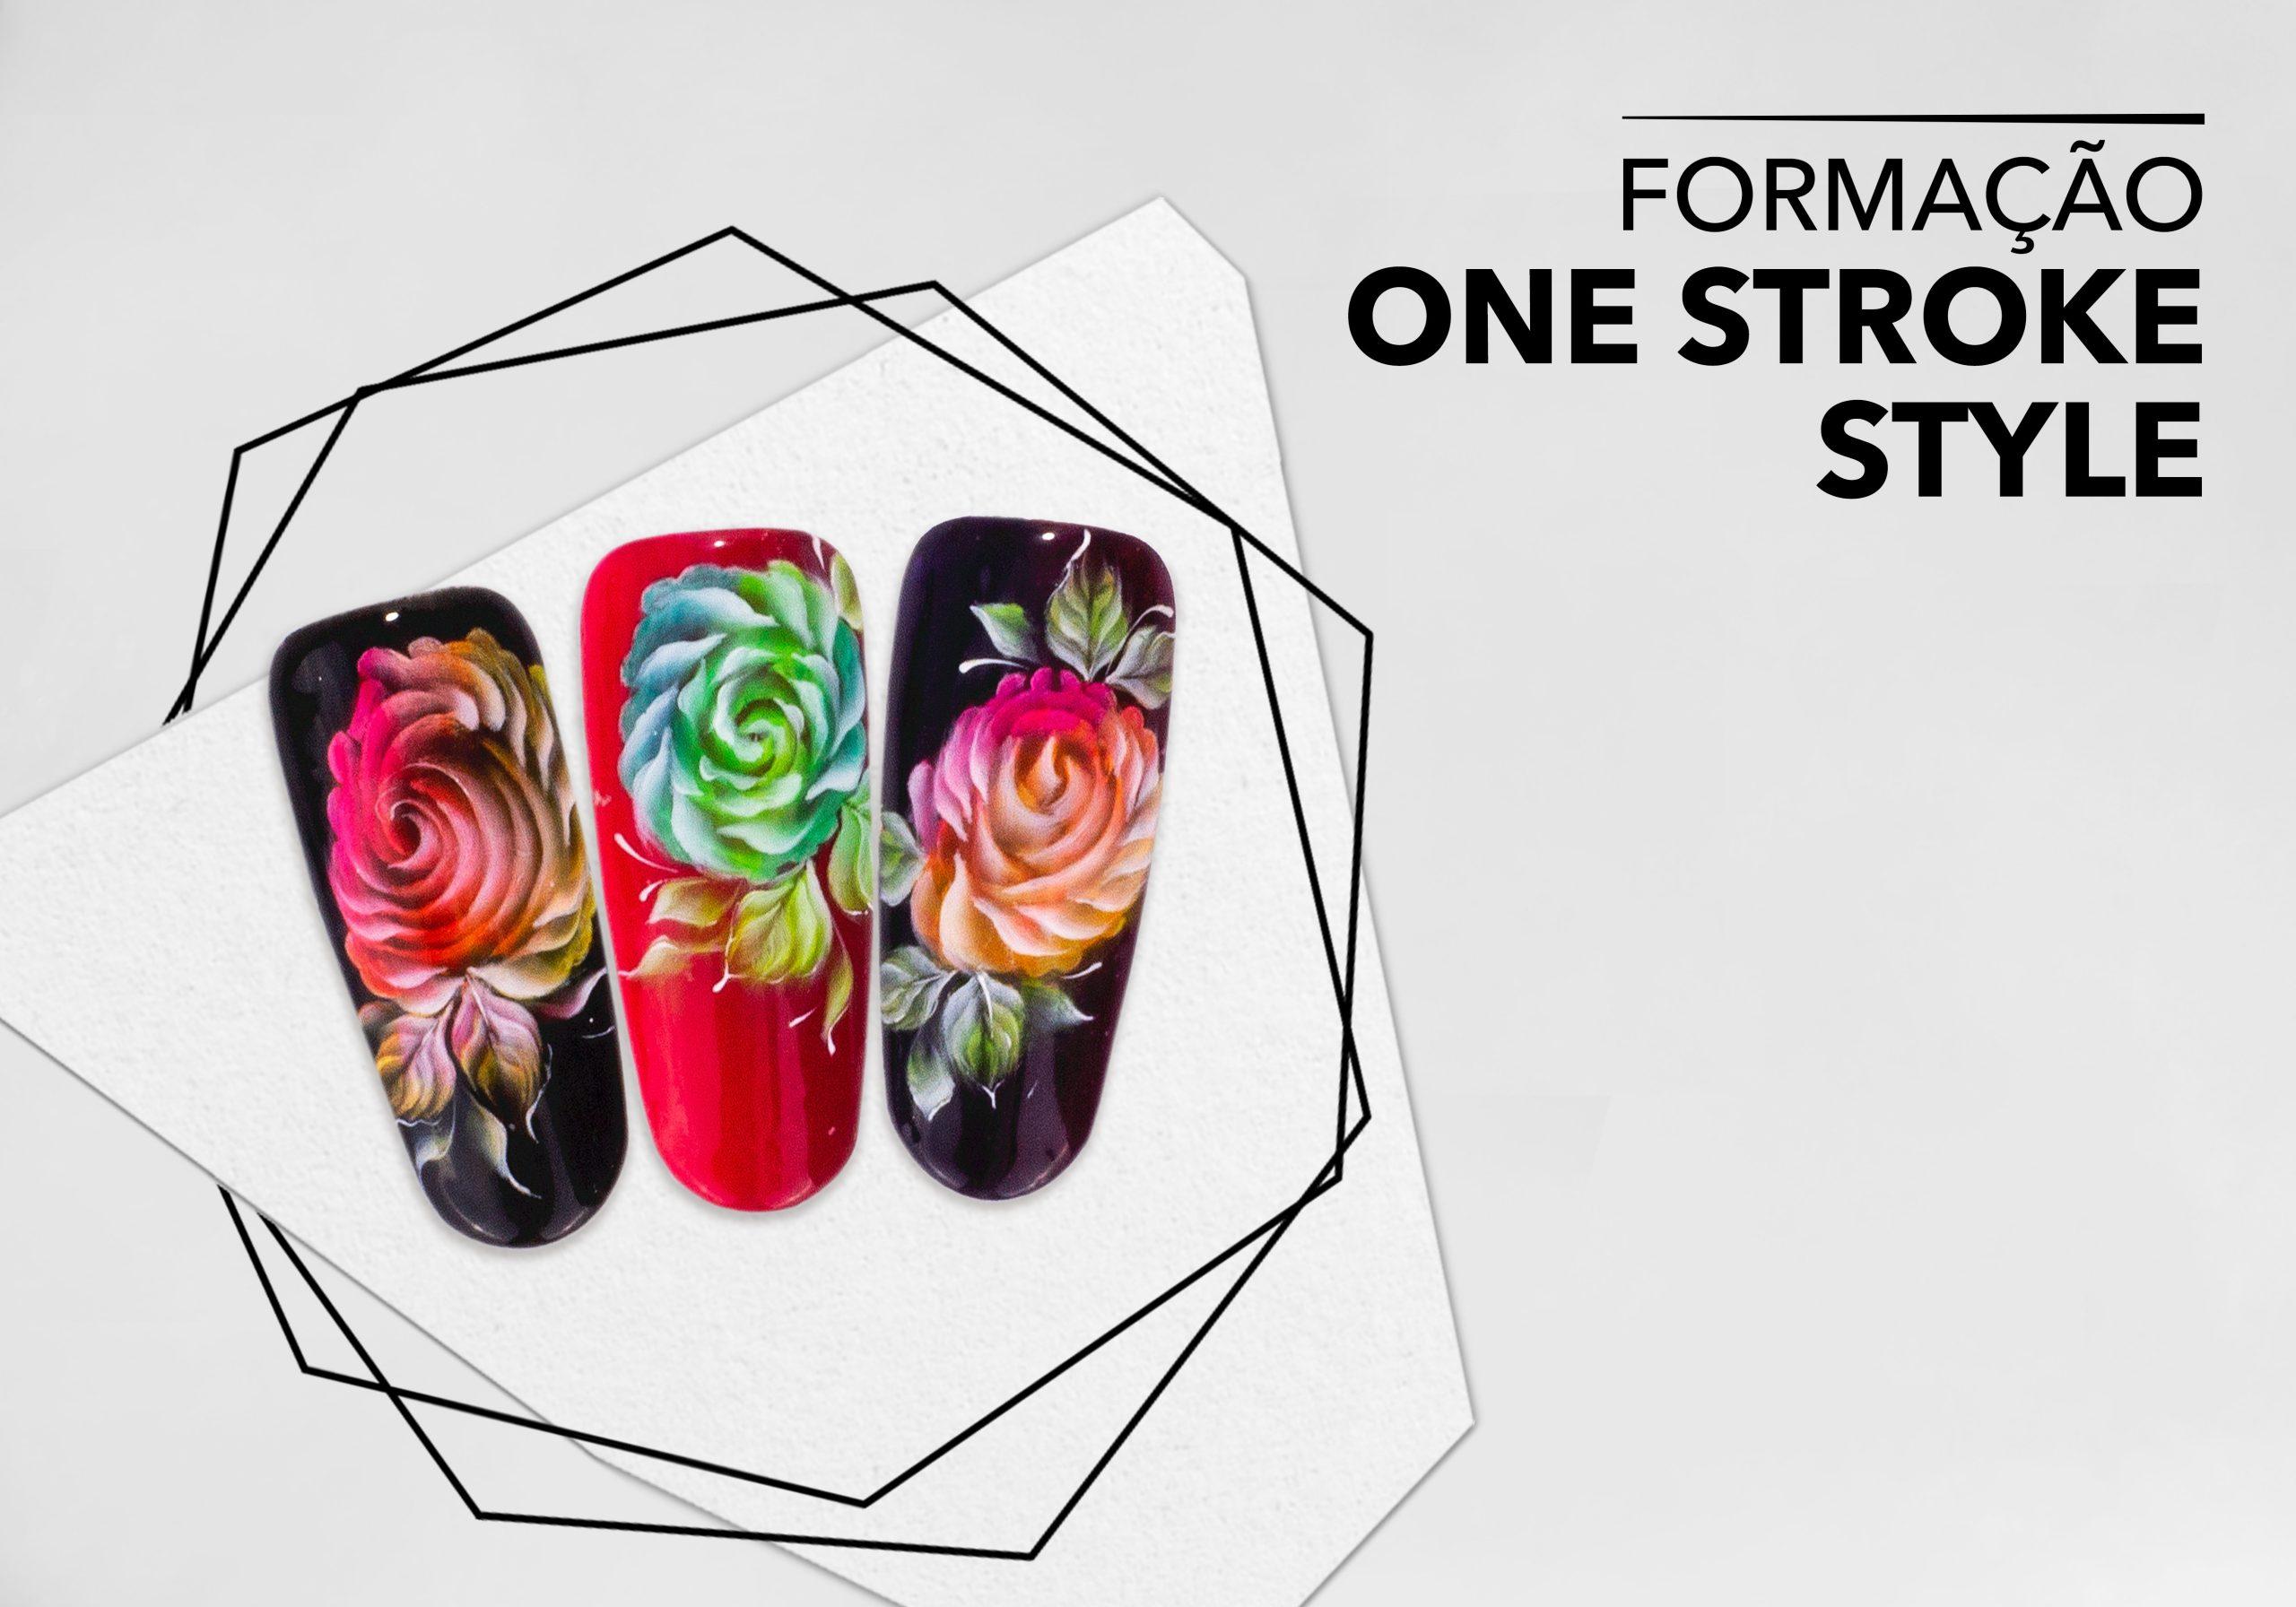 Formação Certificada One Stroke Style